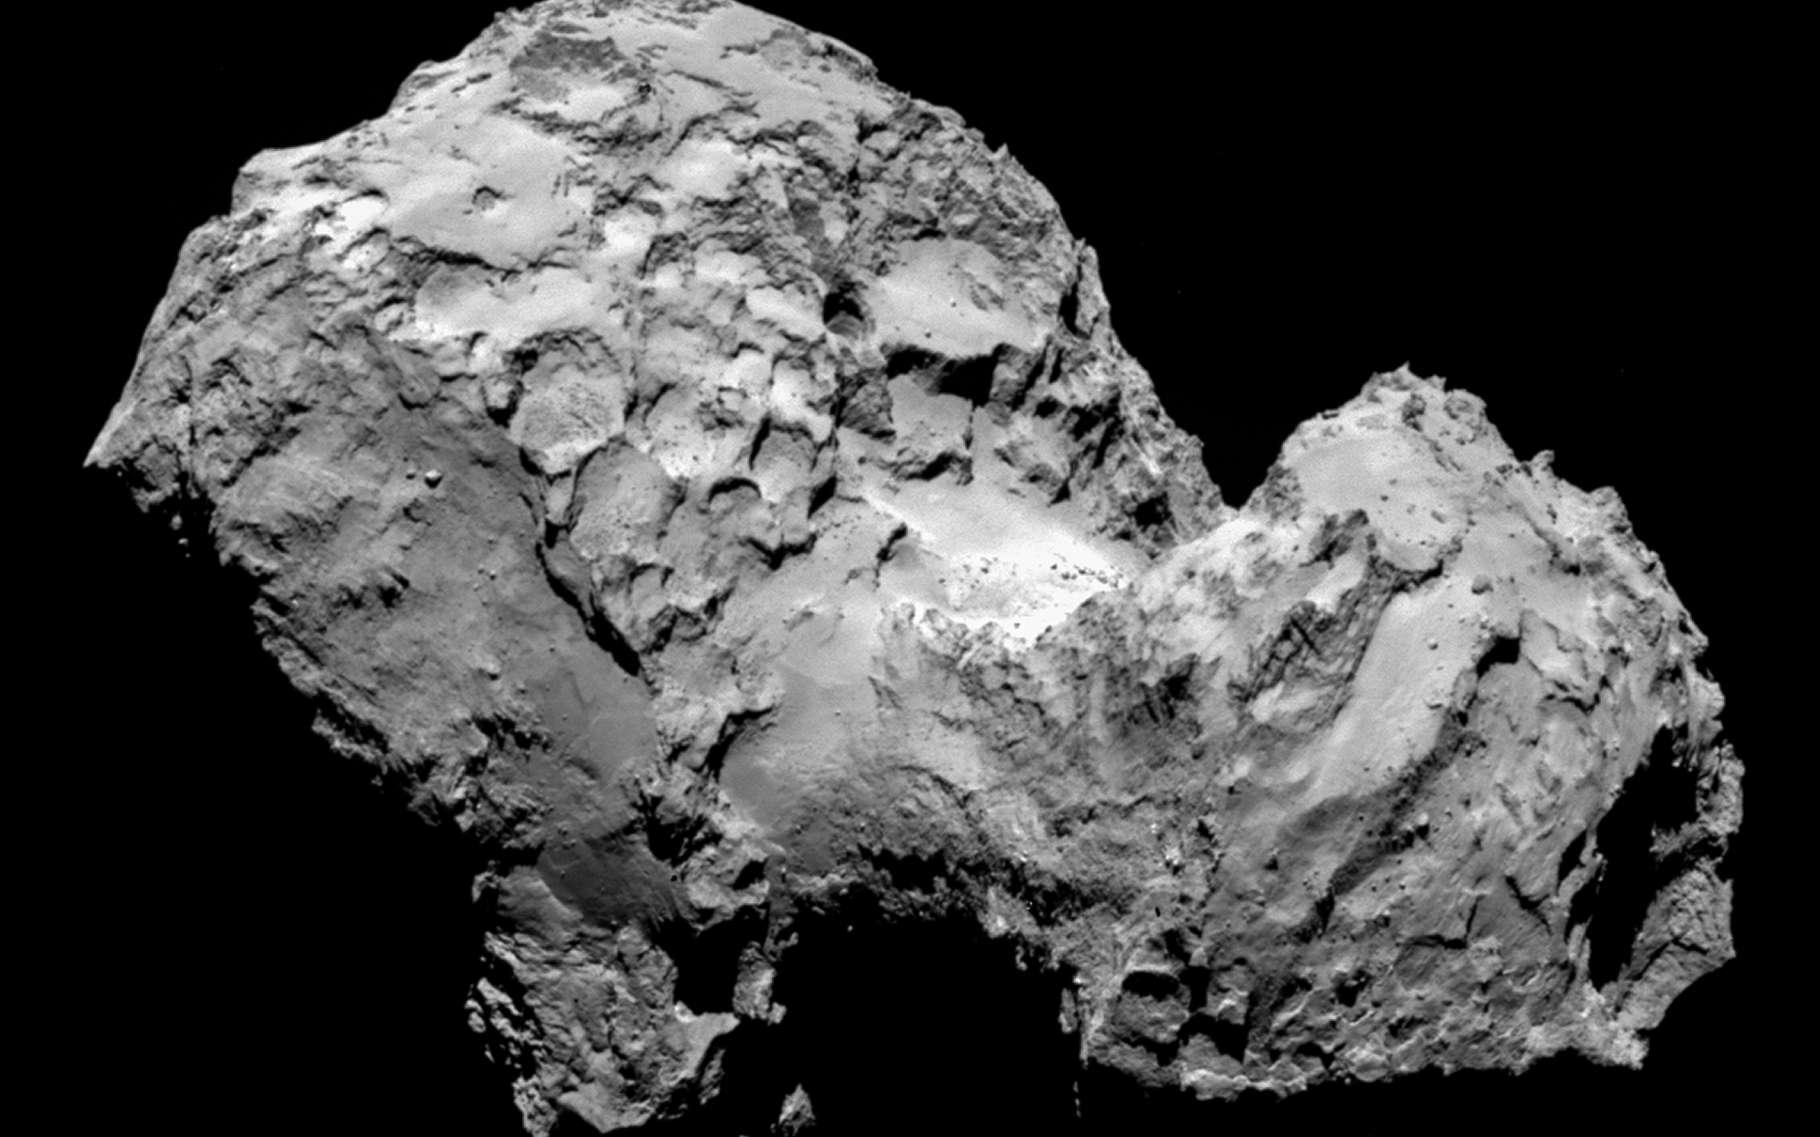 Très sombre, le noyau cométaire 67P//Churyumov-Gerasimenko est riche en matière organique, c'est-à-dire en composés du carbone. La sonde Rosetta, qui tourne autour depuis août 2014 (époque de cette image), et l'atterrisseur Philae, ont détecté de nombreuses molécules organiques. La dernière est un acide aminé, accompagné de phosphore. © Esa, Rosetta, MPS for Osisirs Team MPS, UPD, LAM, IAA, SSO, INTA, UPM, DASP, IDA